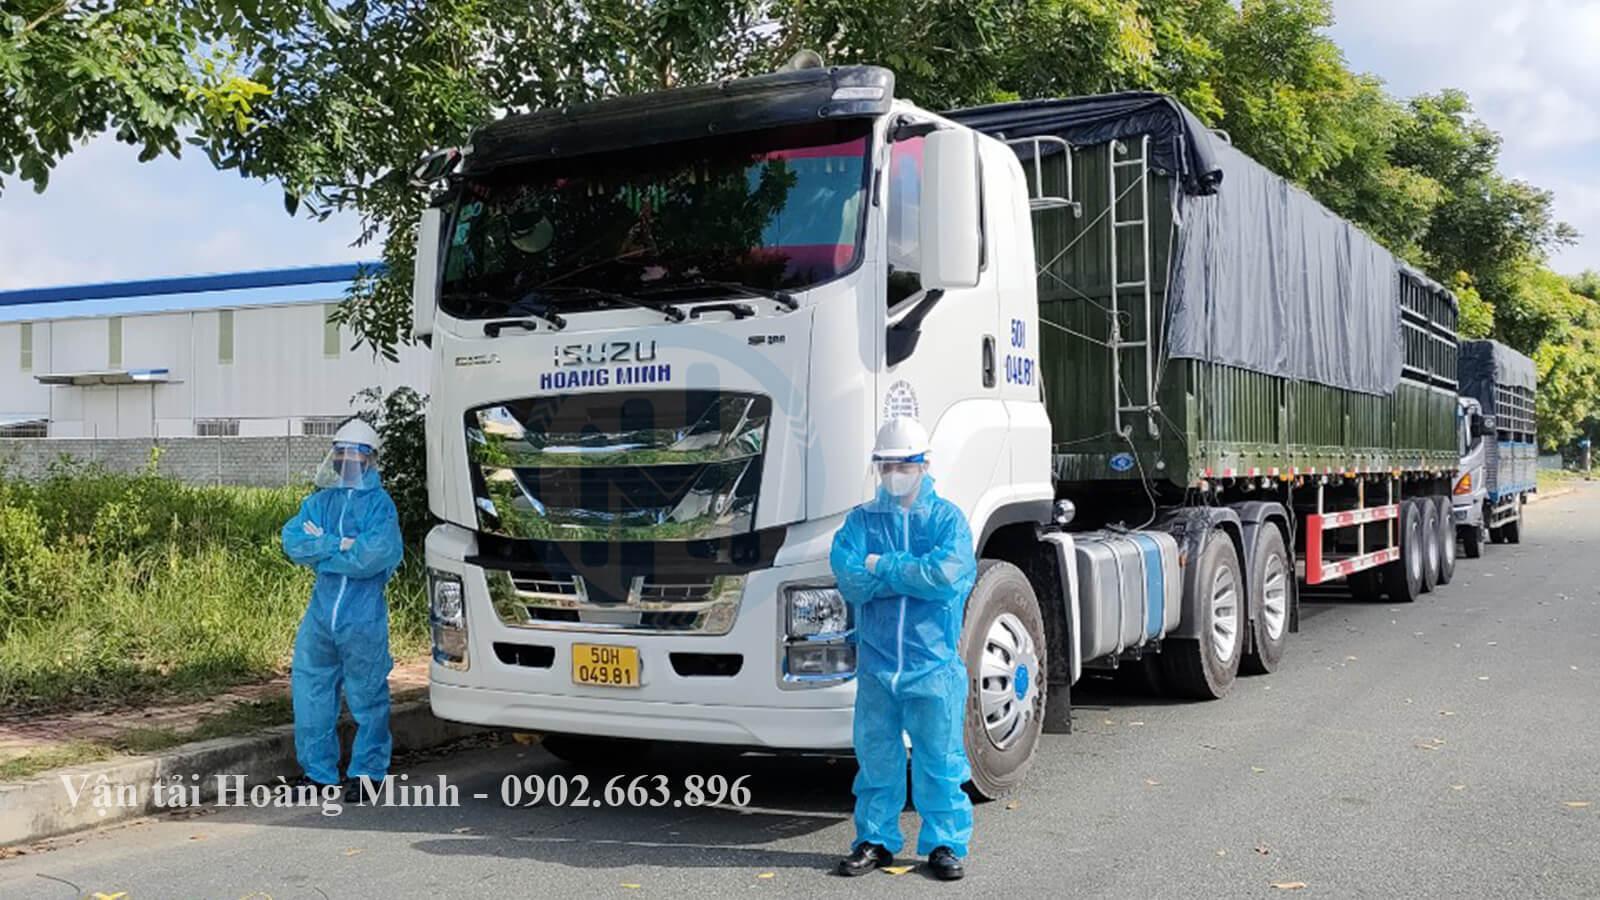 Lợi ích bạn sẽ nhận được khi lựa chọn thuê xe tải của chúng tôi